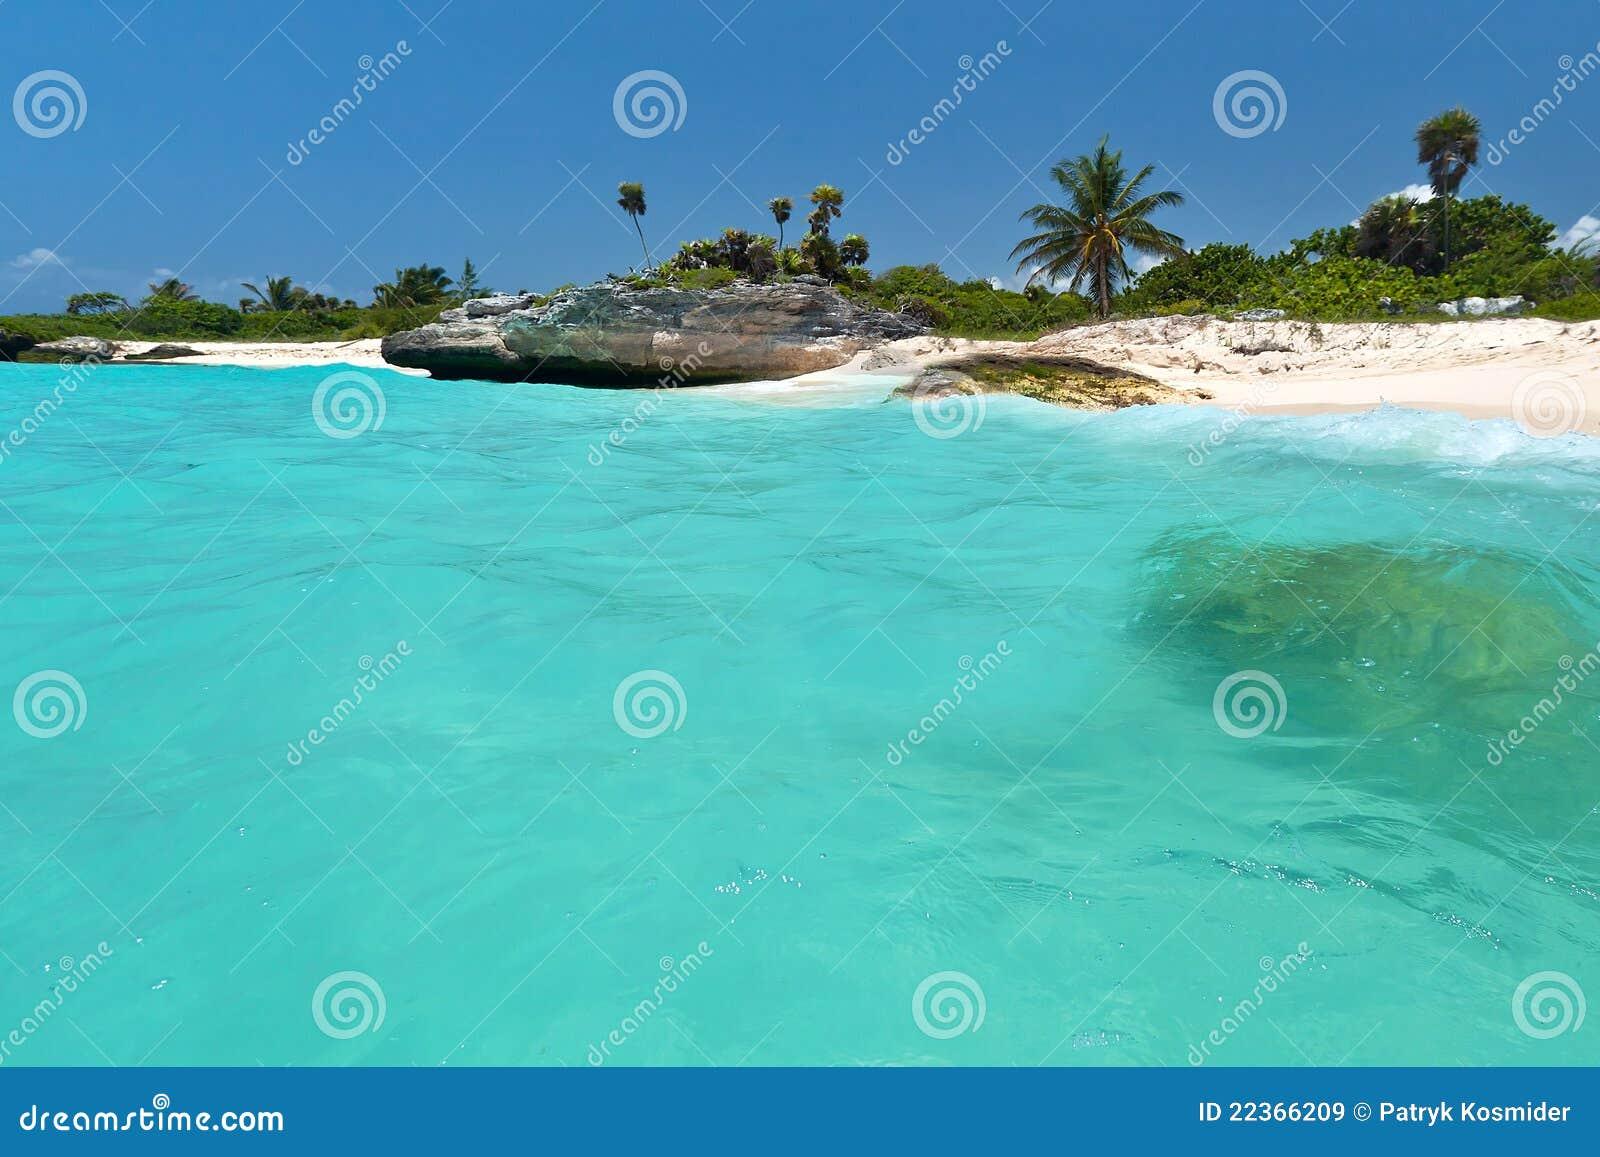 Playa del Carmen scenery in Mexico